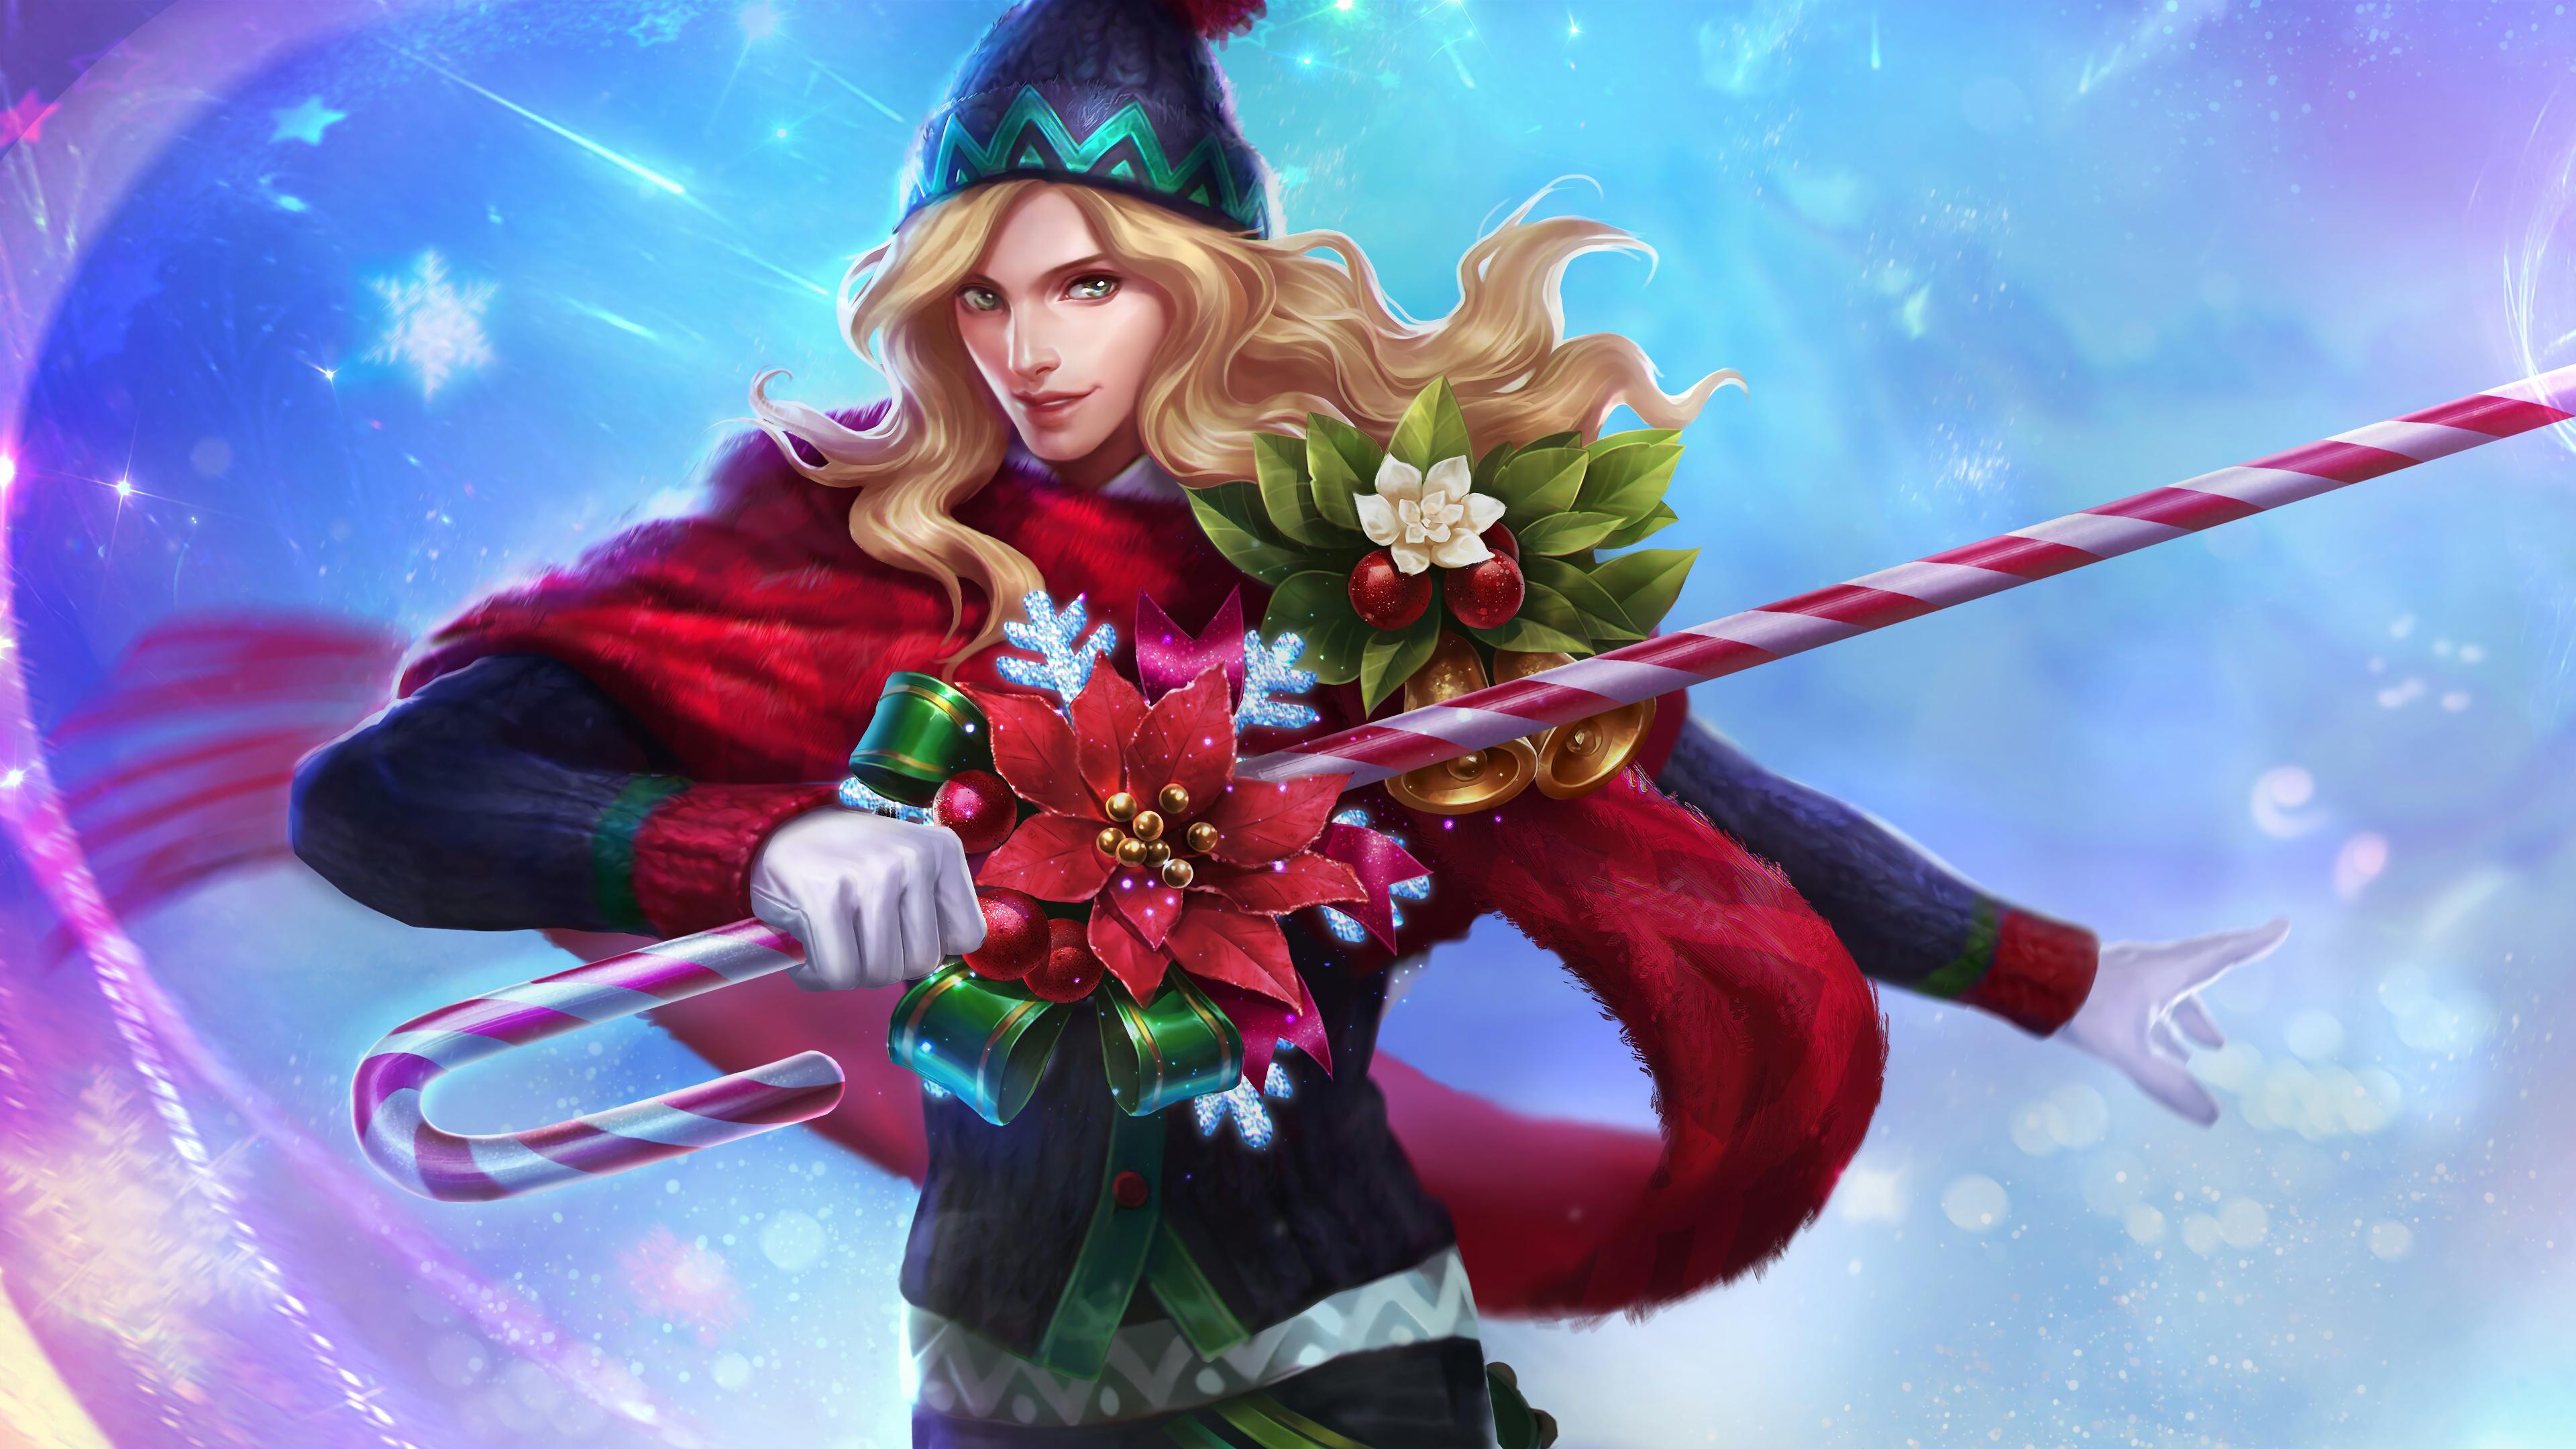 Lancelot Christmas Carnival Skin Mobile Legends Lancelot Mobile Legends Png 3840x2160 Download Hd Wallpaper Wallpapertip